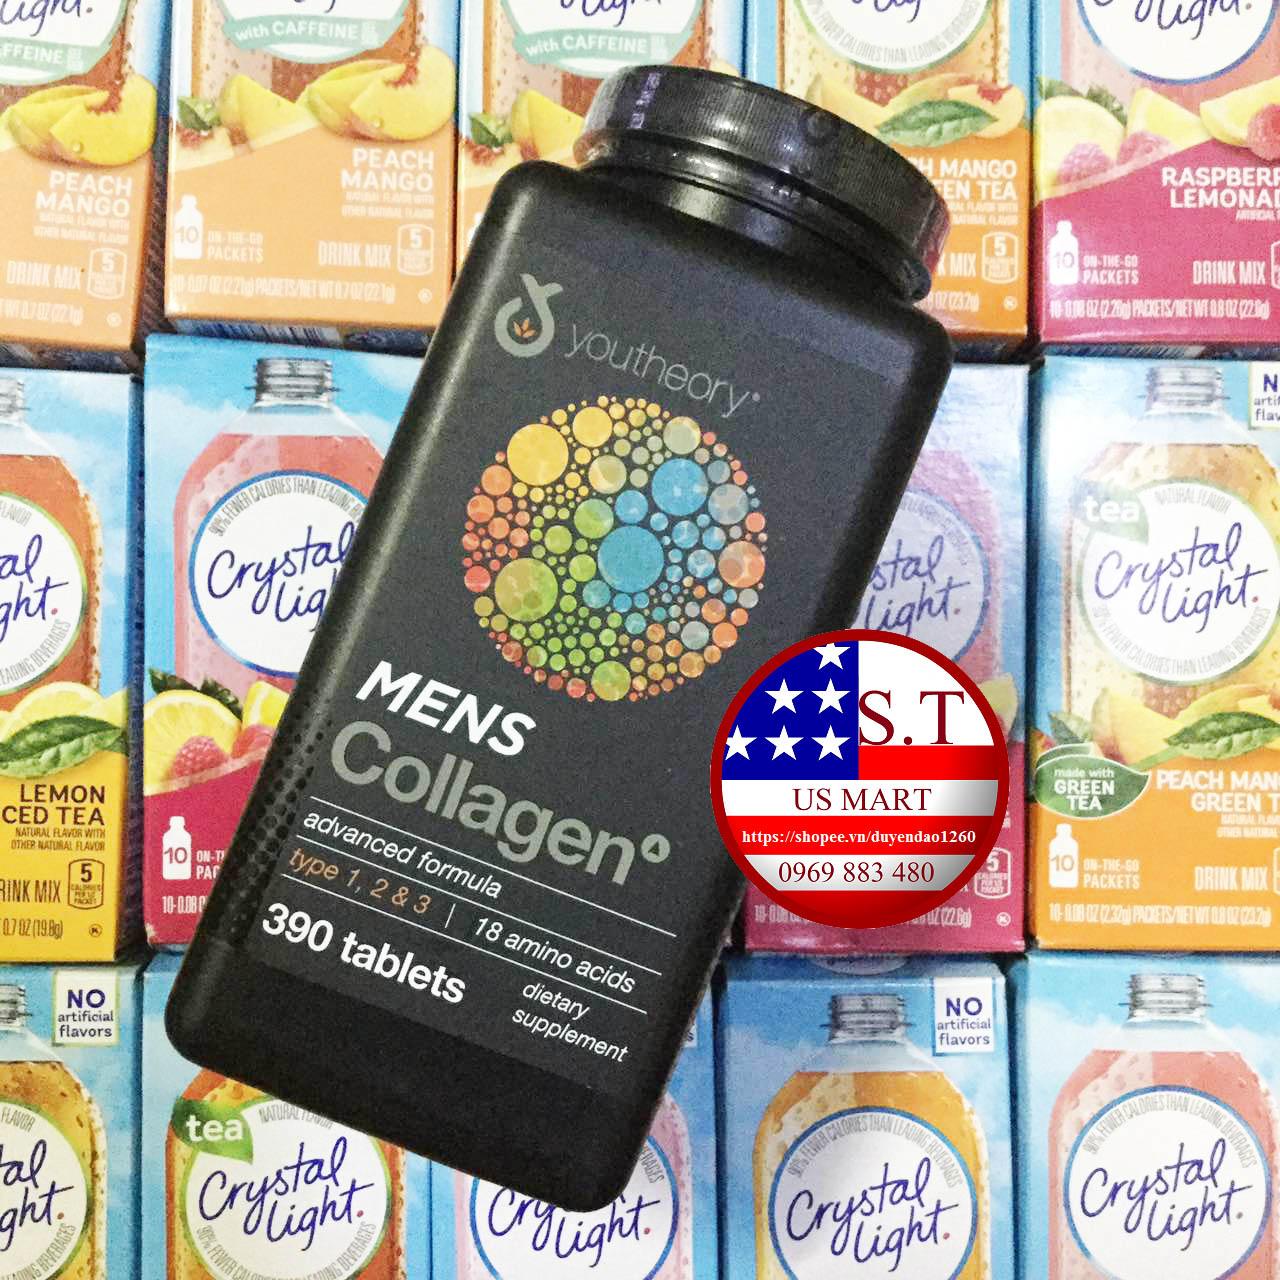 Viên uống bổ sung Collagen cho Nam Youtheory Men's Collagen Advanced Formula, 390 Viên